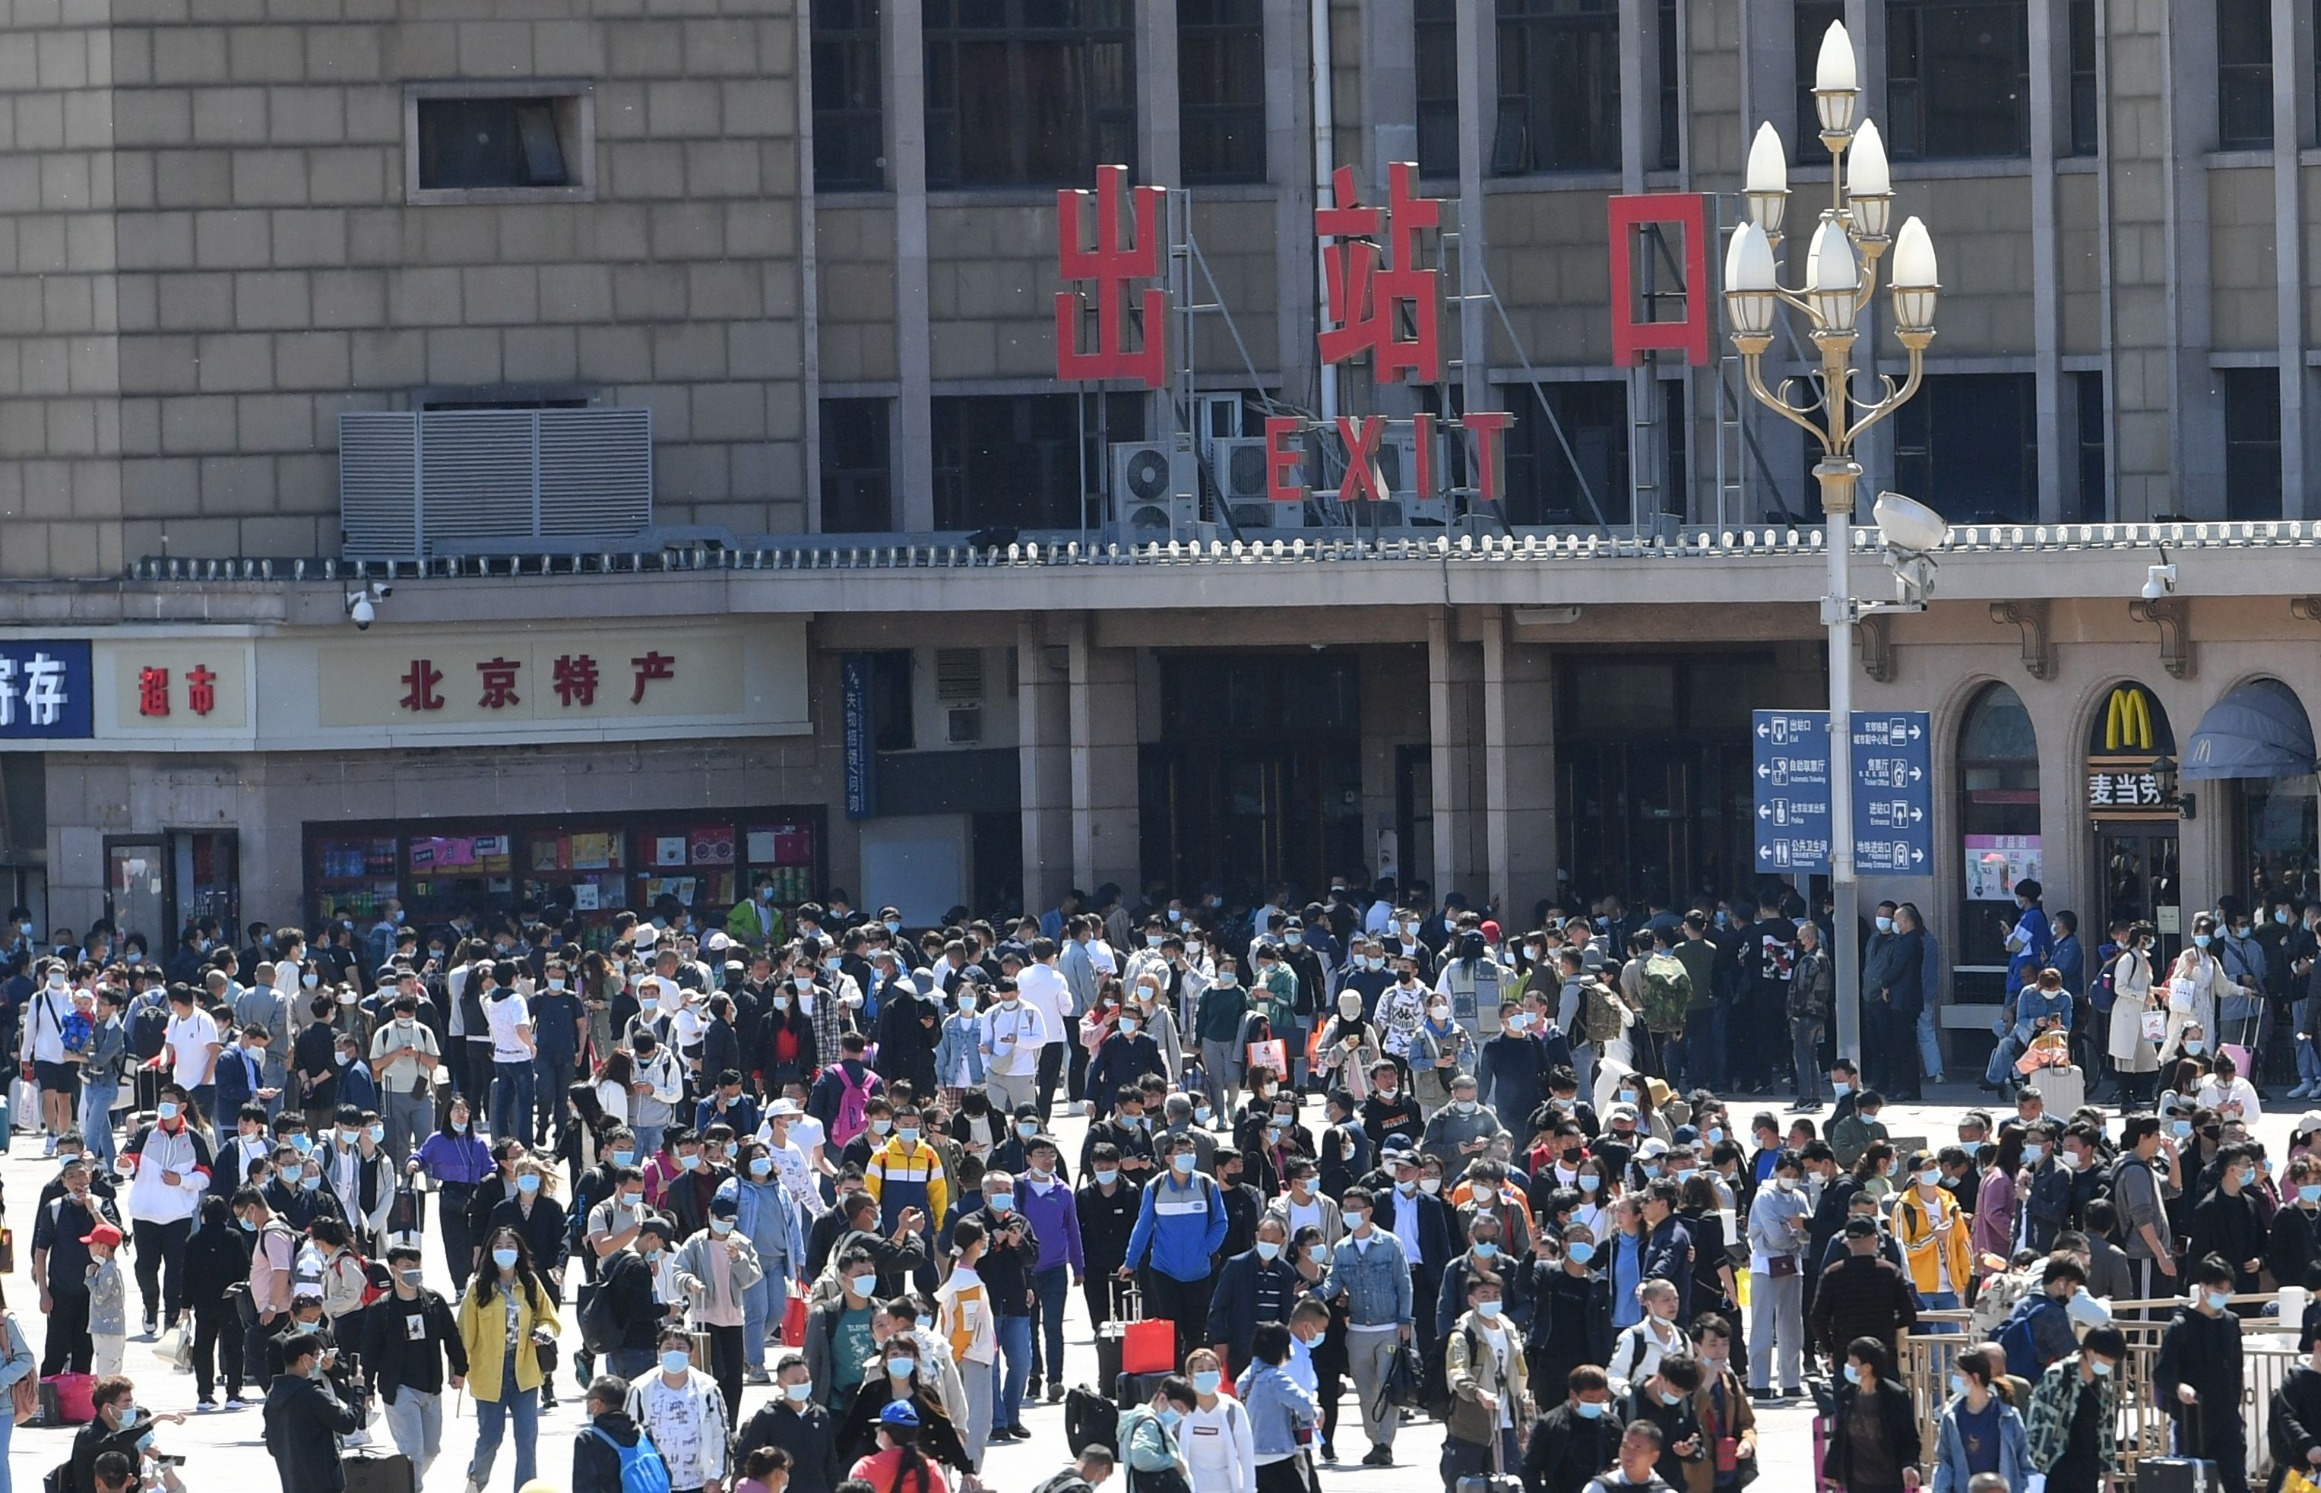 今明两天将迎返京高峰 多条地铁线延长运营时间